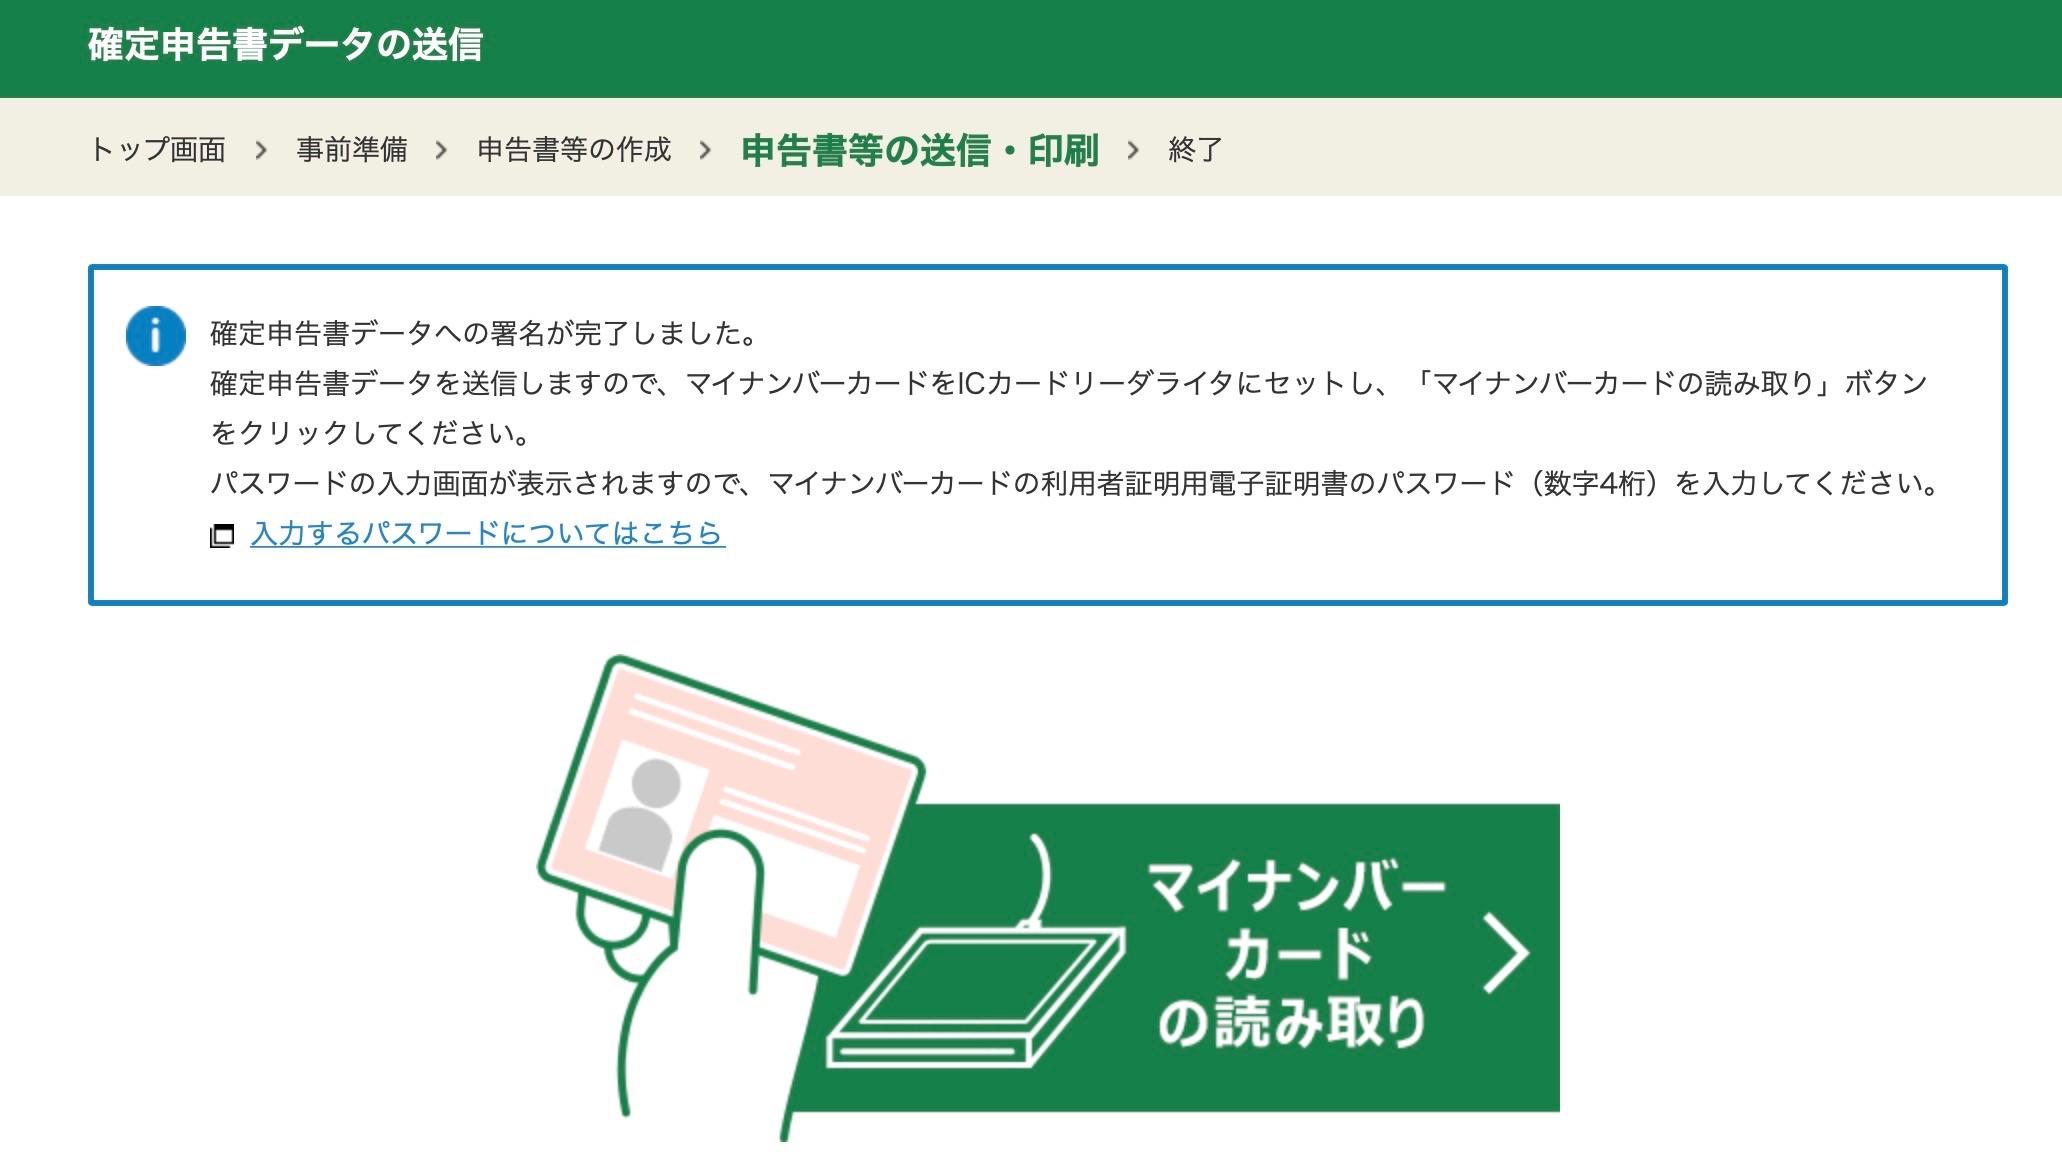 e-Taxで確定申告 マイナンバーカード カードリーダー 読み取り